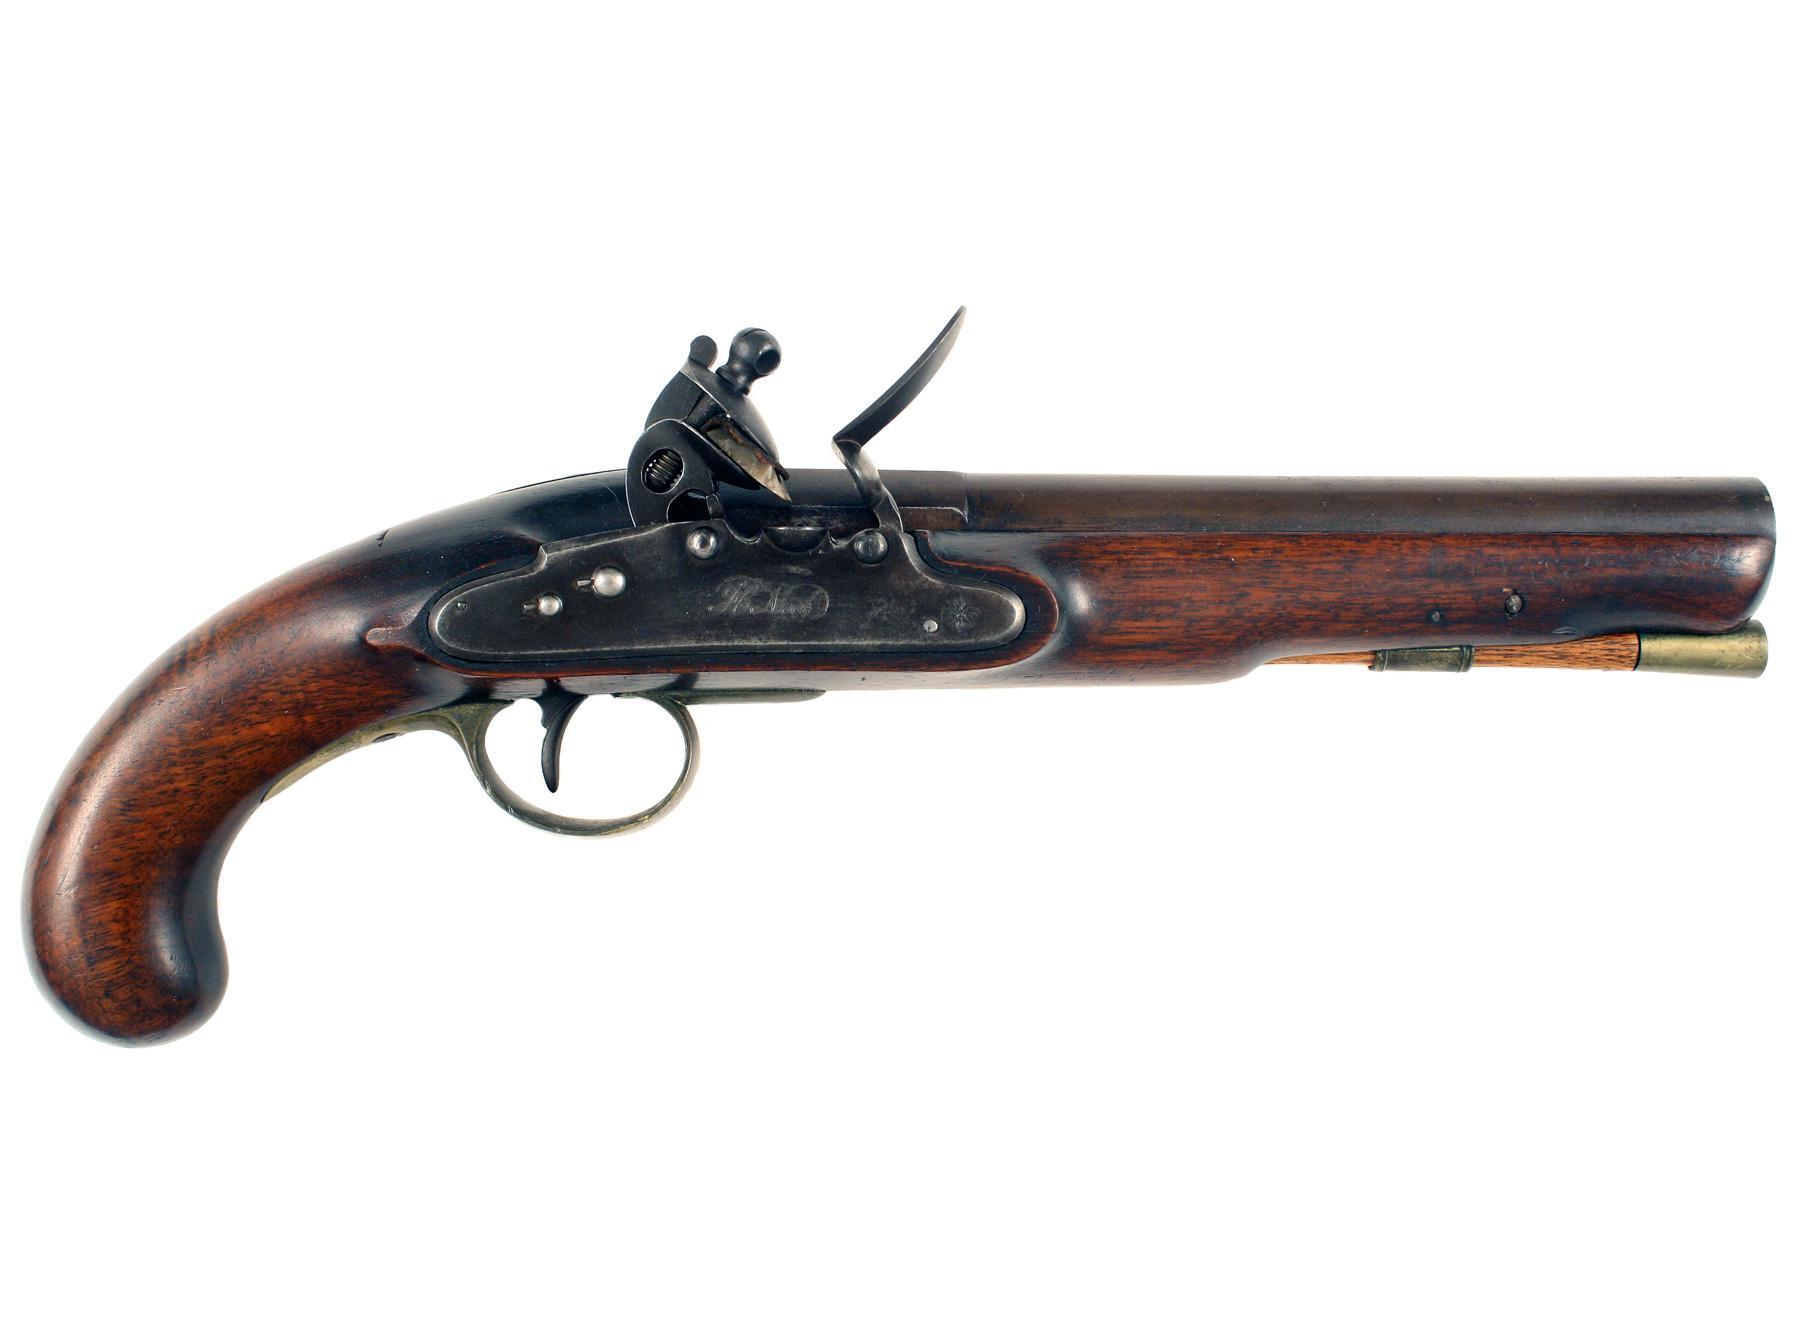 A Scarce Nock Screwless Lock Flintlock Pistol